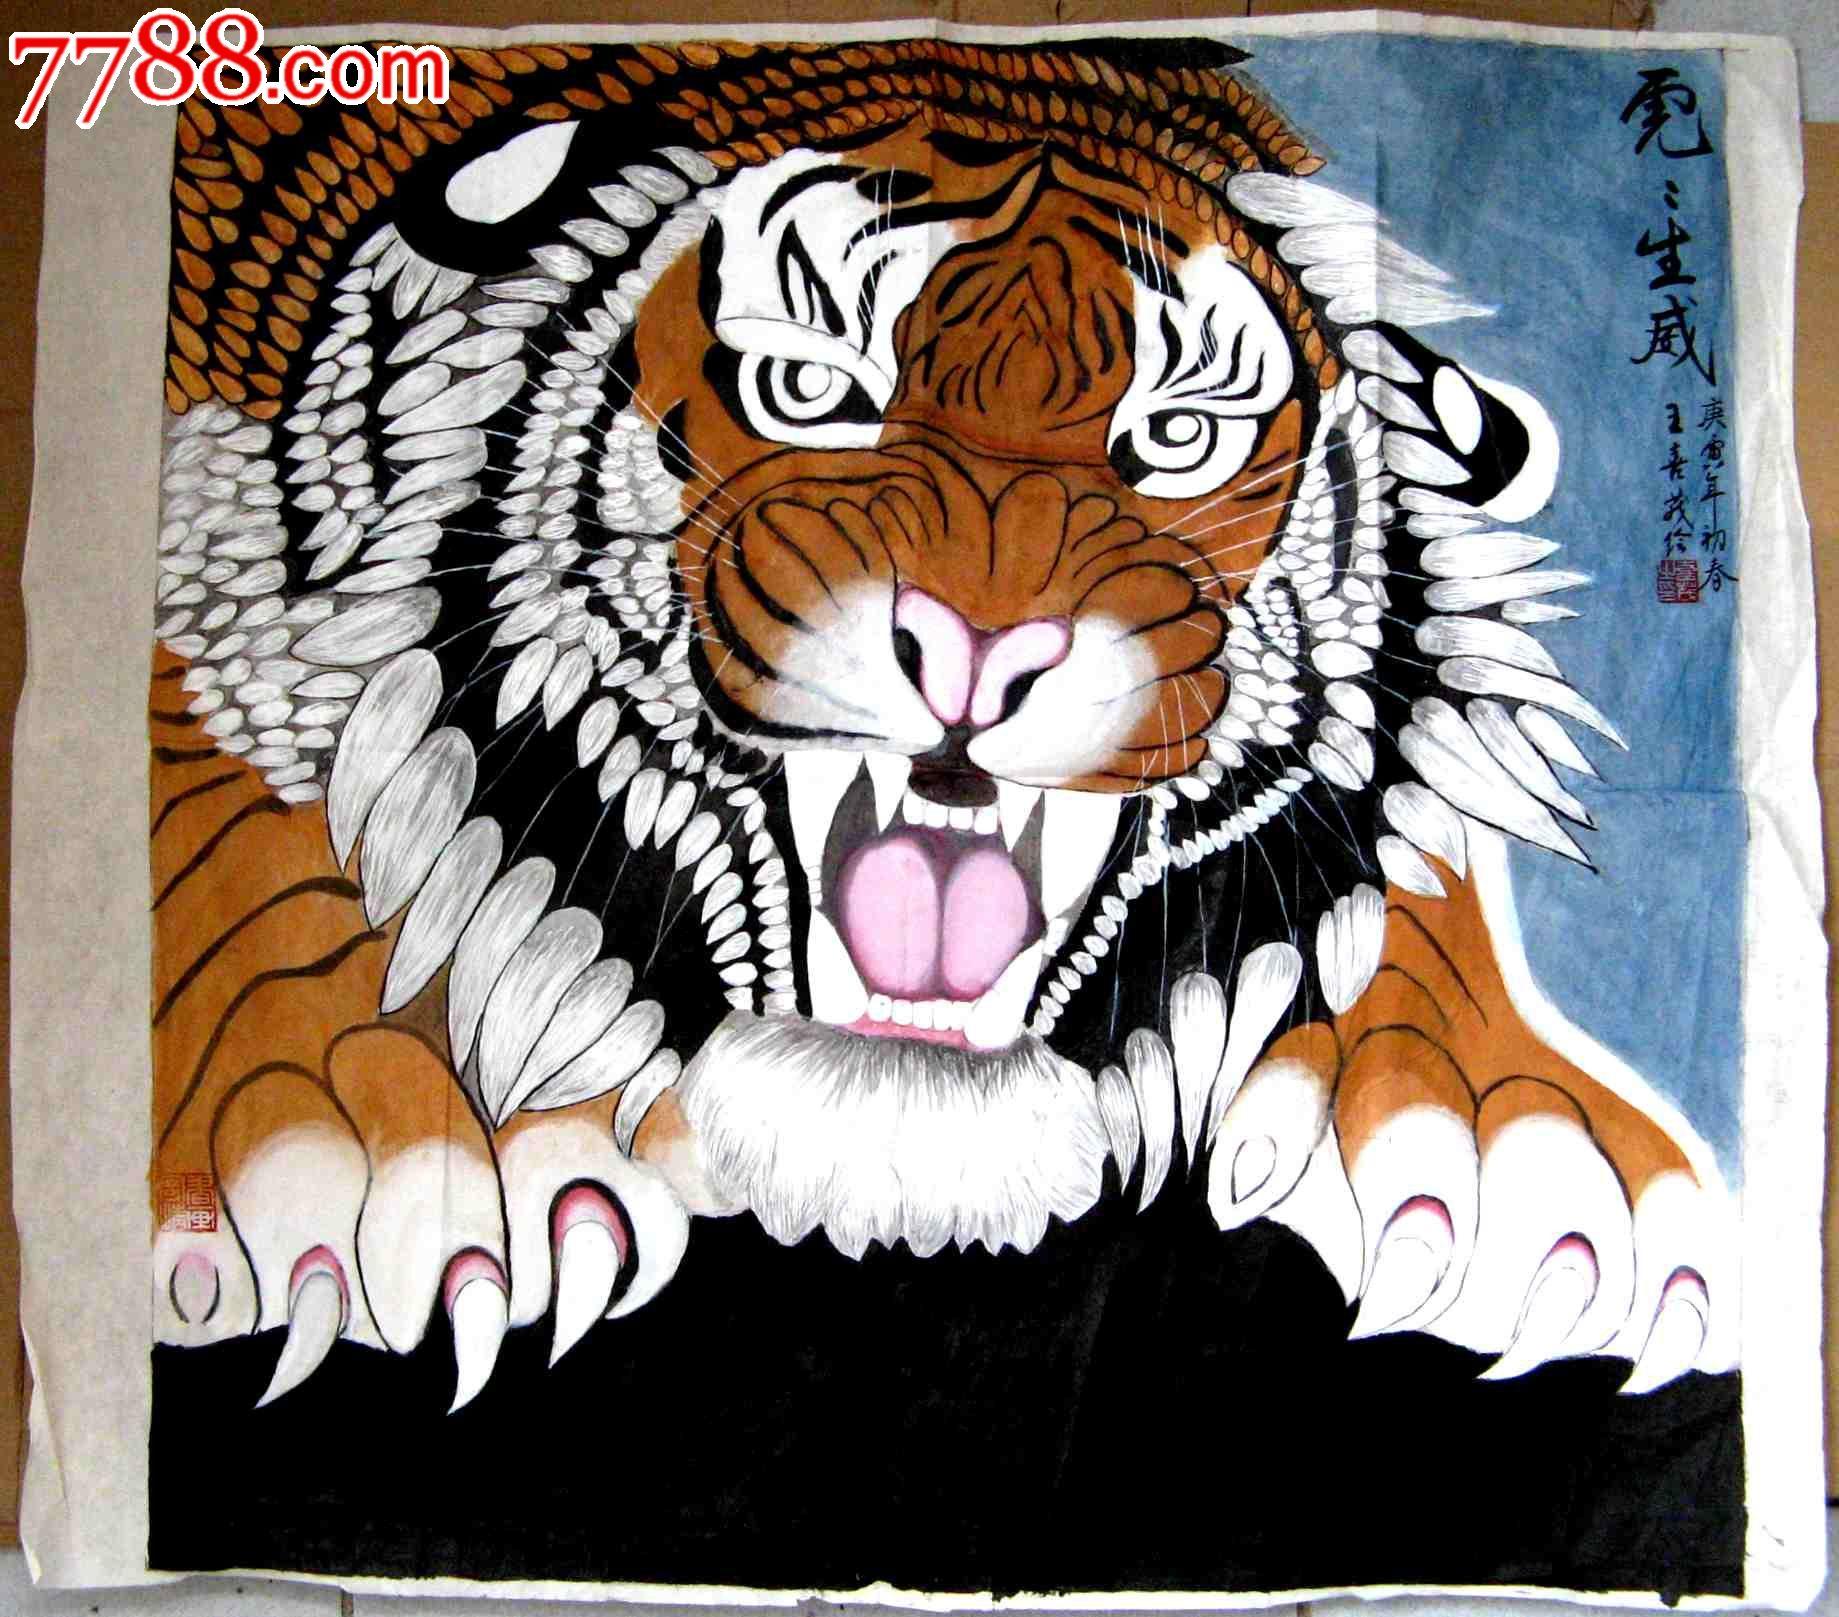 画工不错,刚猛雄健的四尺斗方老虎画:《虎虎生威》